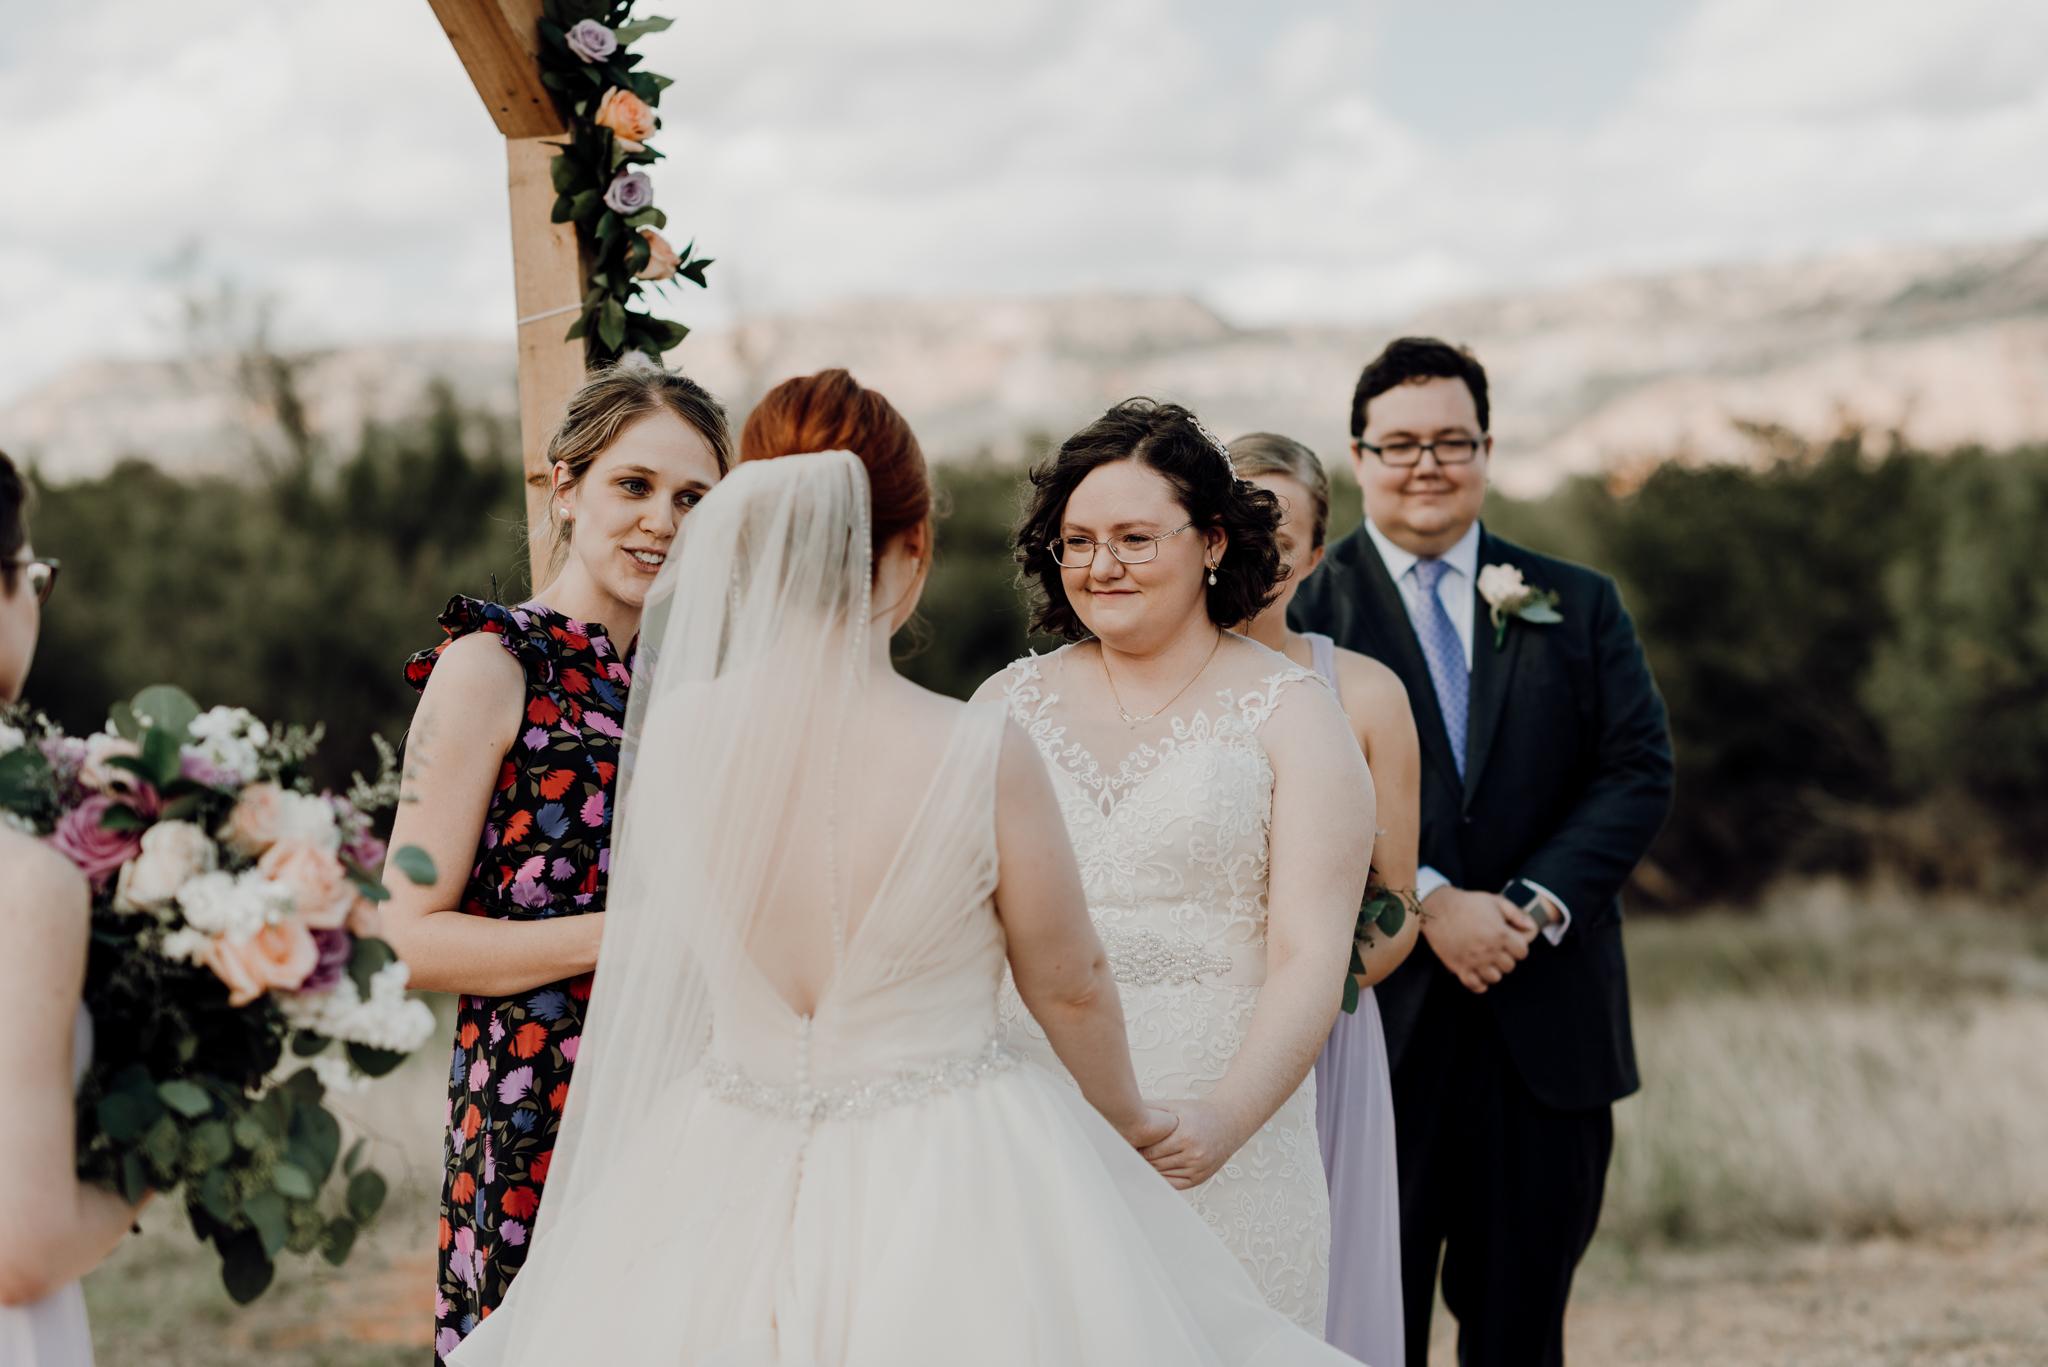 Texas Wedding Photographer-Palo Duro Canyon Sam Sex Wedding- Houston Wedding Photographer -Kristen Giles Photography-27.jpg